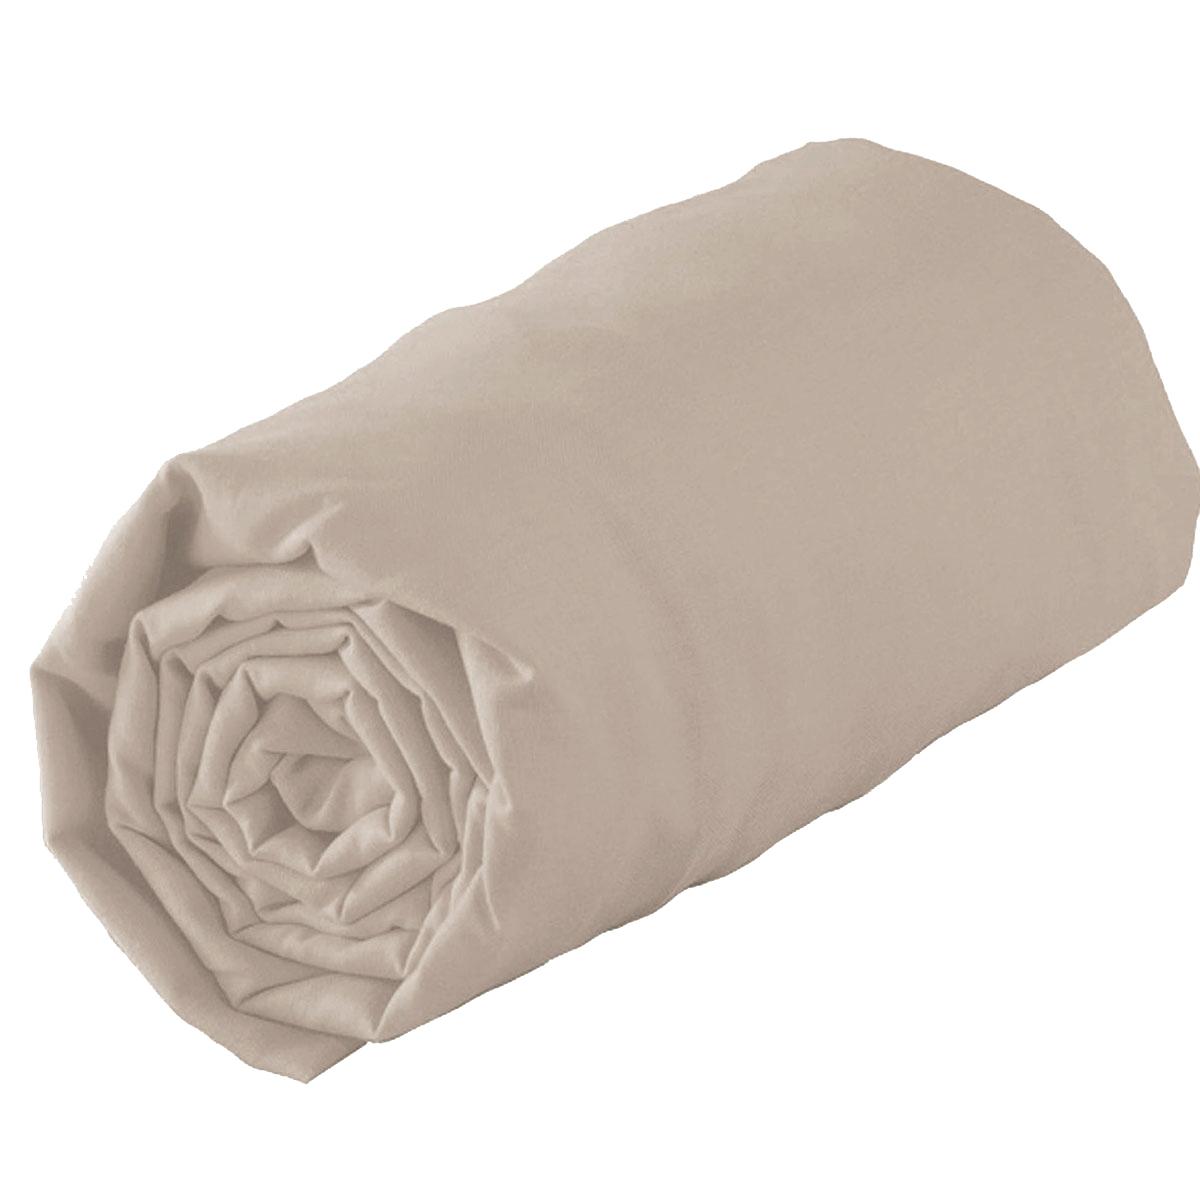 Drap housse en 100% coton biologique - Ficelle - 160 x 200 bt 30 cm